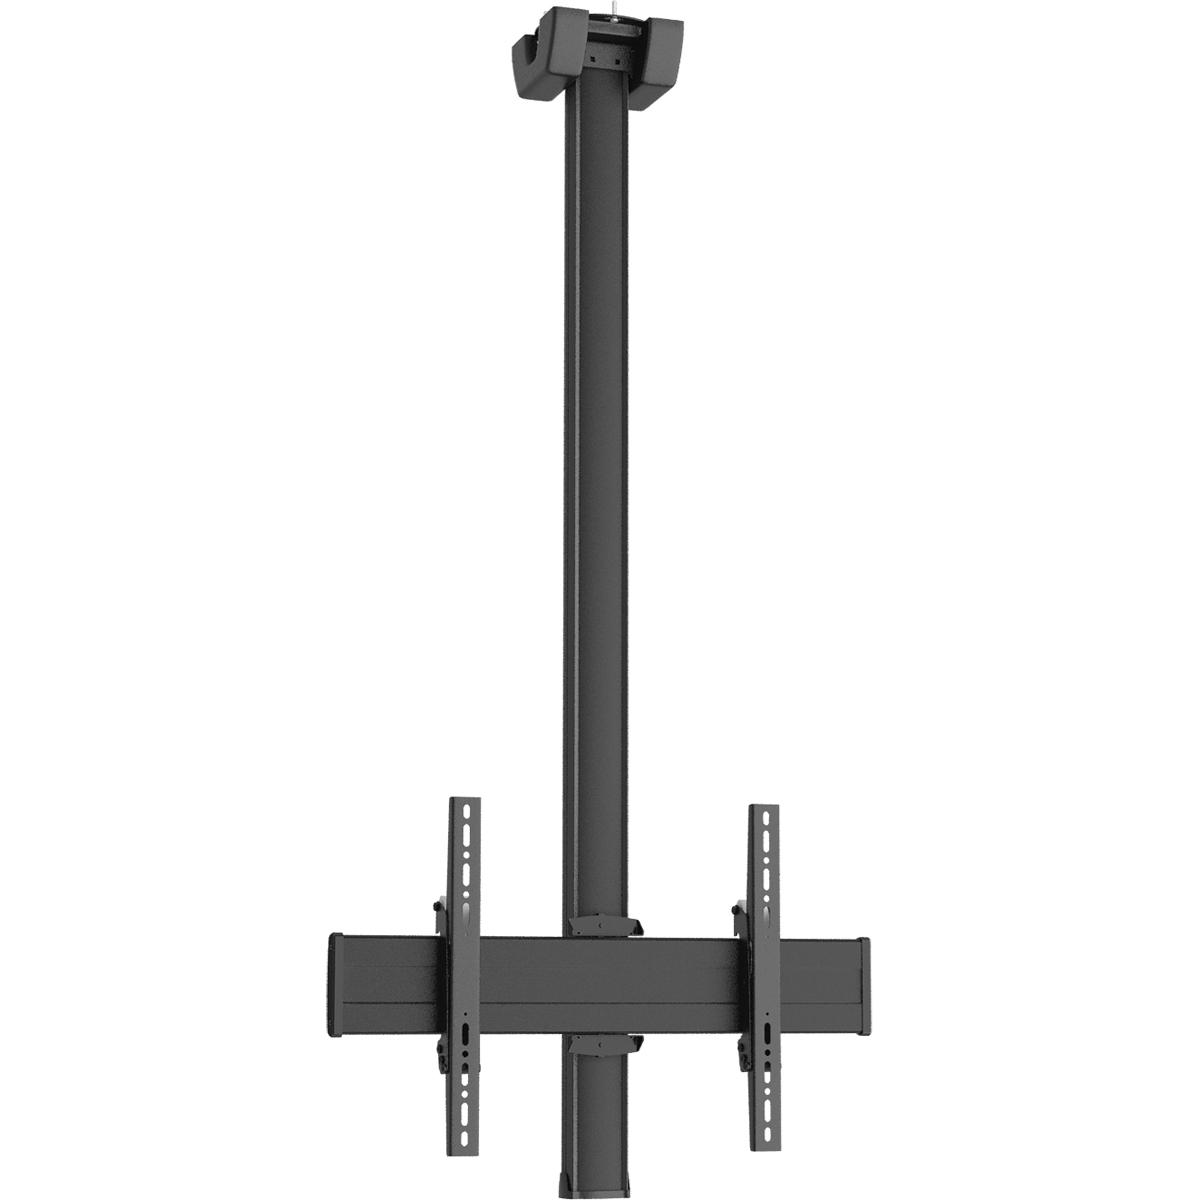 Vogels CT1564 Black - Комплект потолочного поворотного крепления для дисплея диагональю 39–65'', длина штанги 1500 мм, макс. нагрузка 80 кг